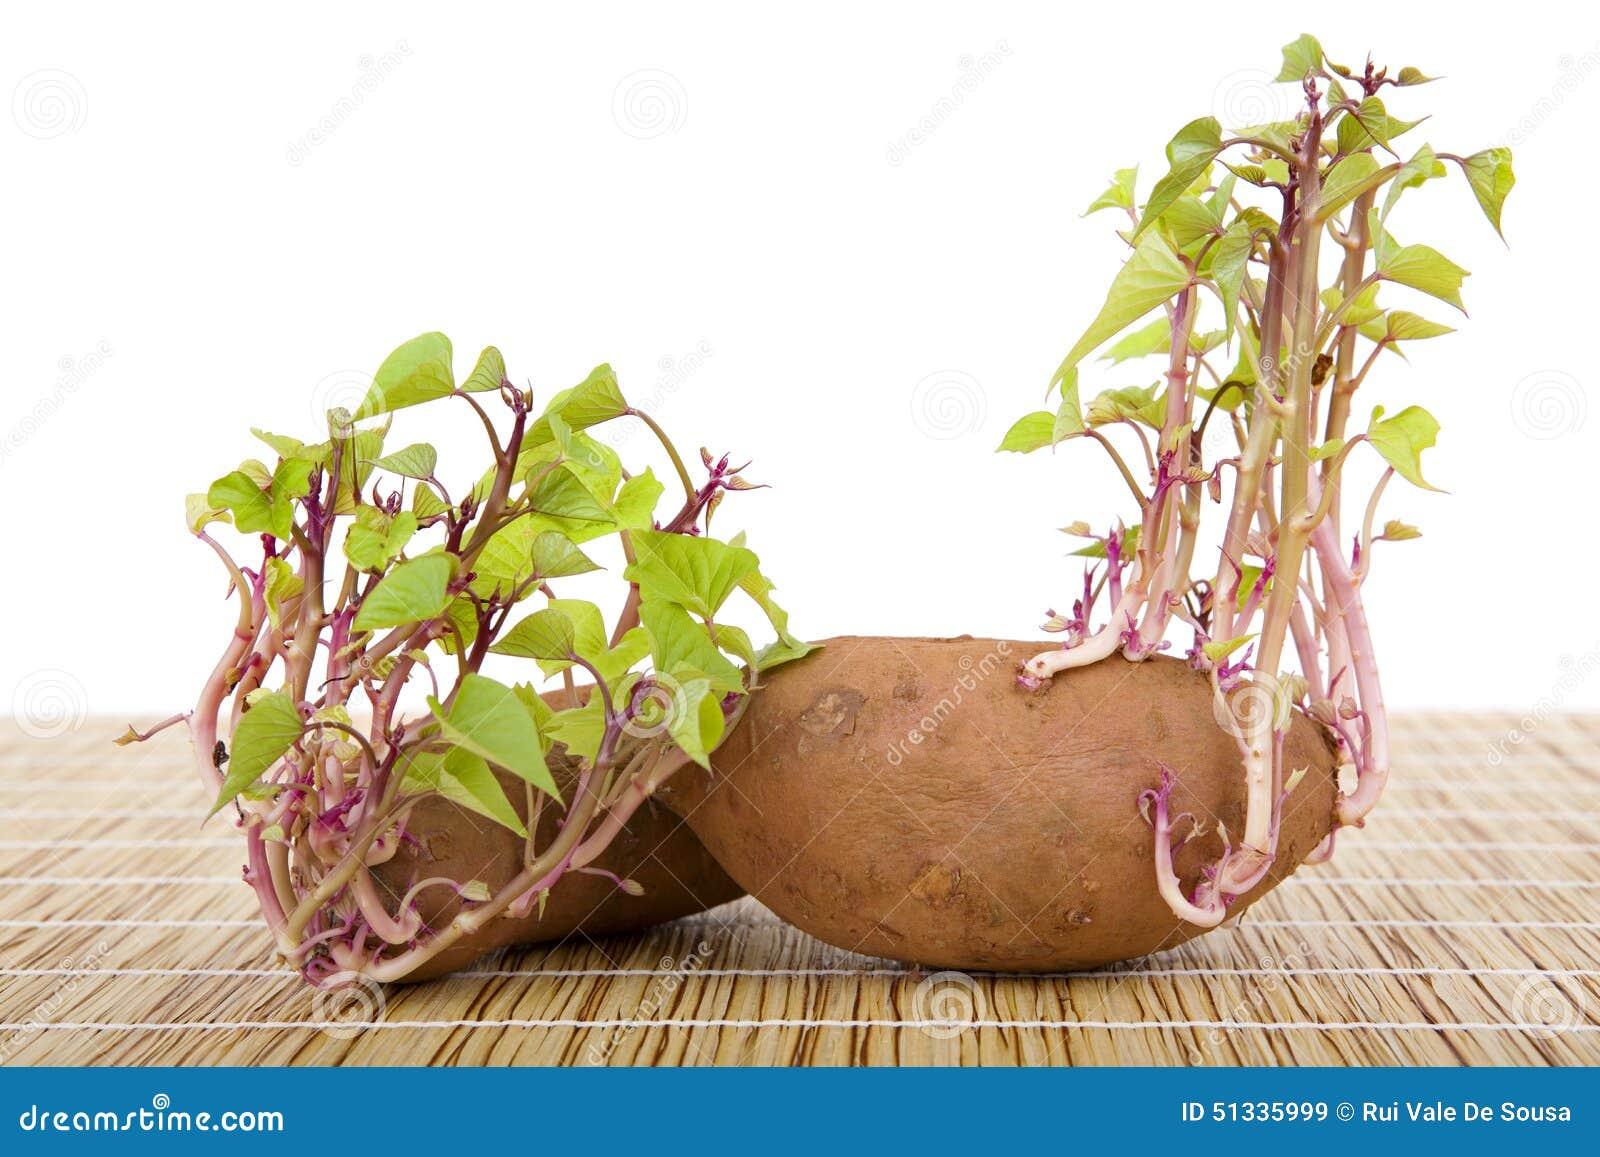 土豆发芽 库存照片 - 图片: 51335999图片